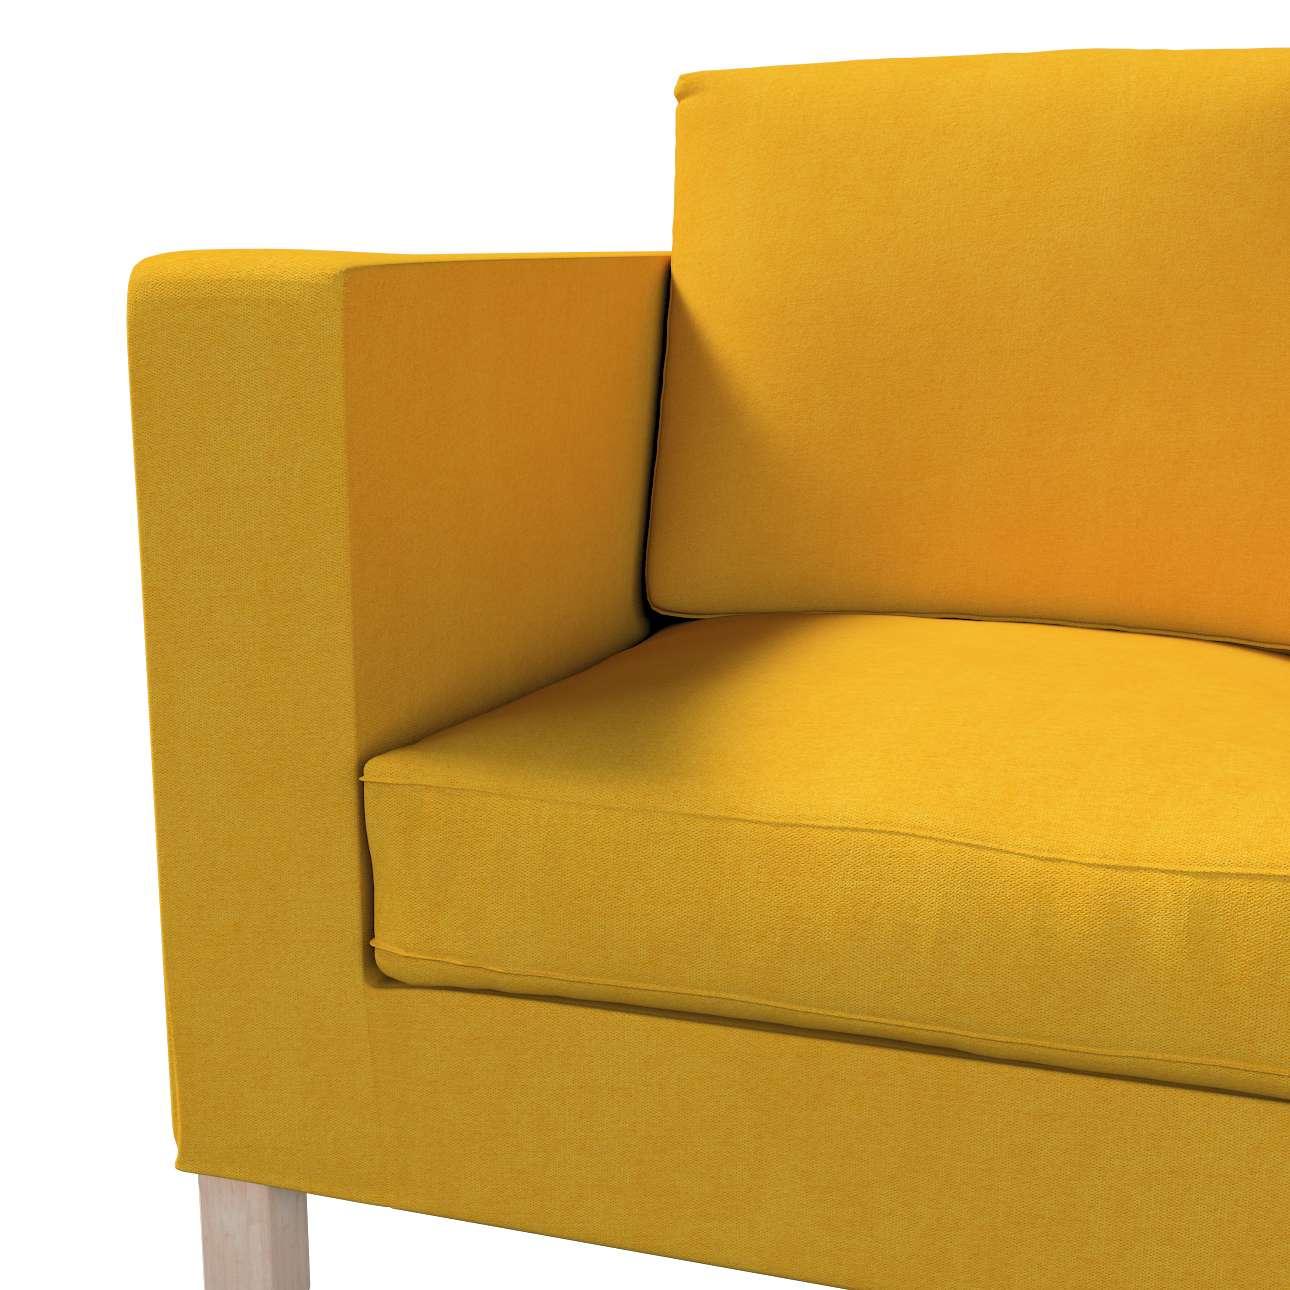 Karlanda 2-Sitzer Sofabezug nicht ausklappbar kurz von der Kollektion Etna, Stoff: 705-04